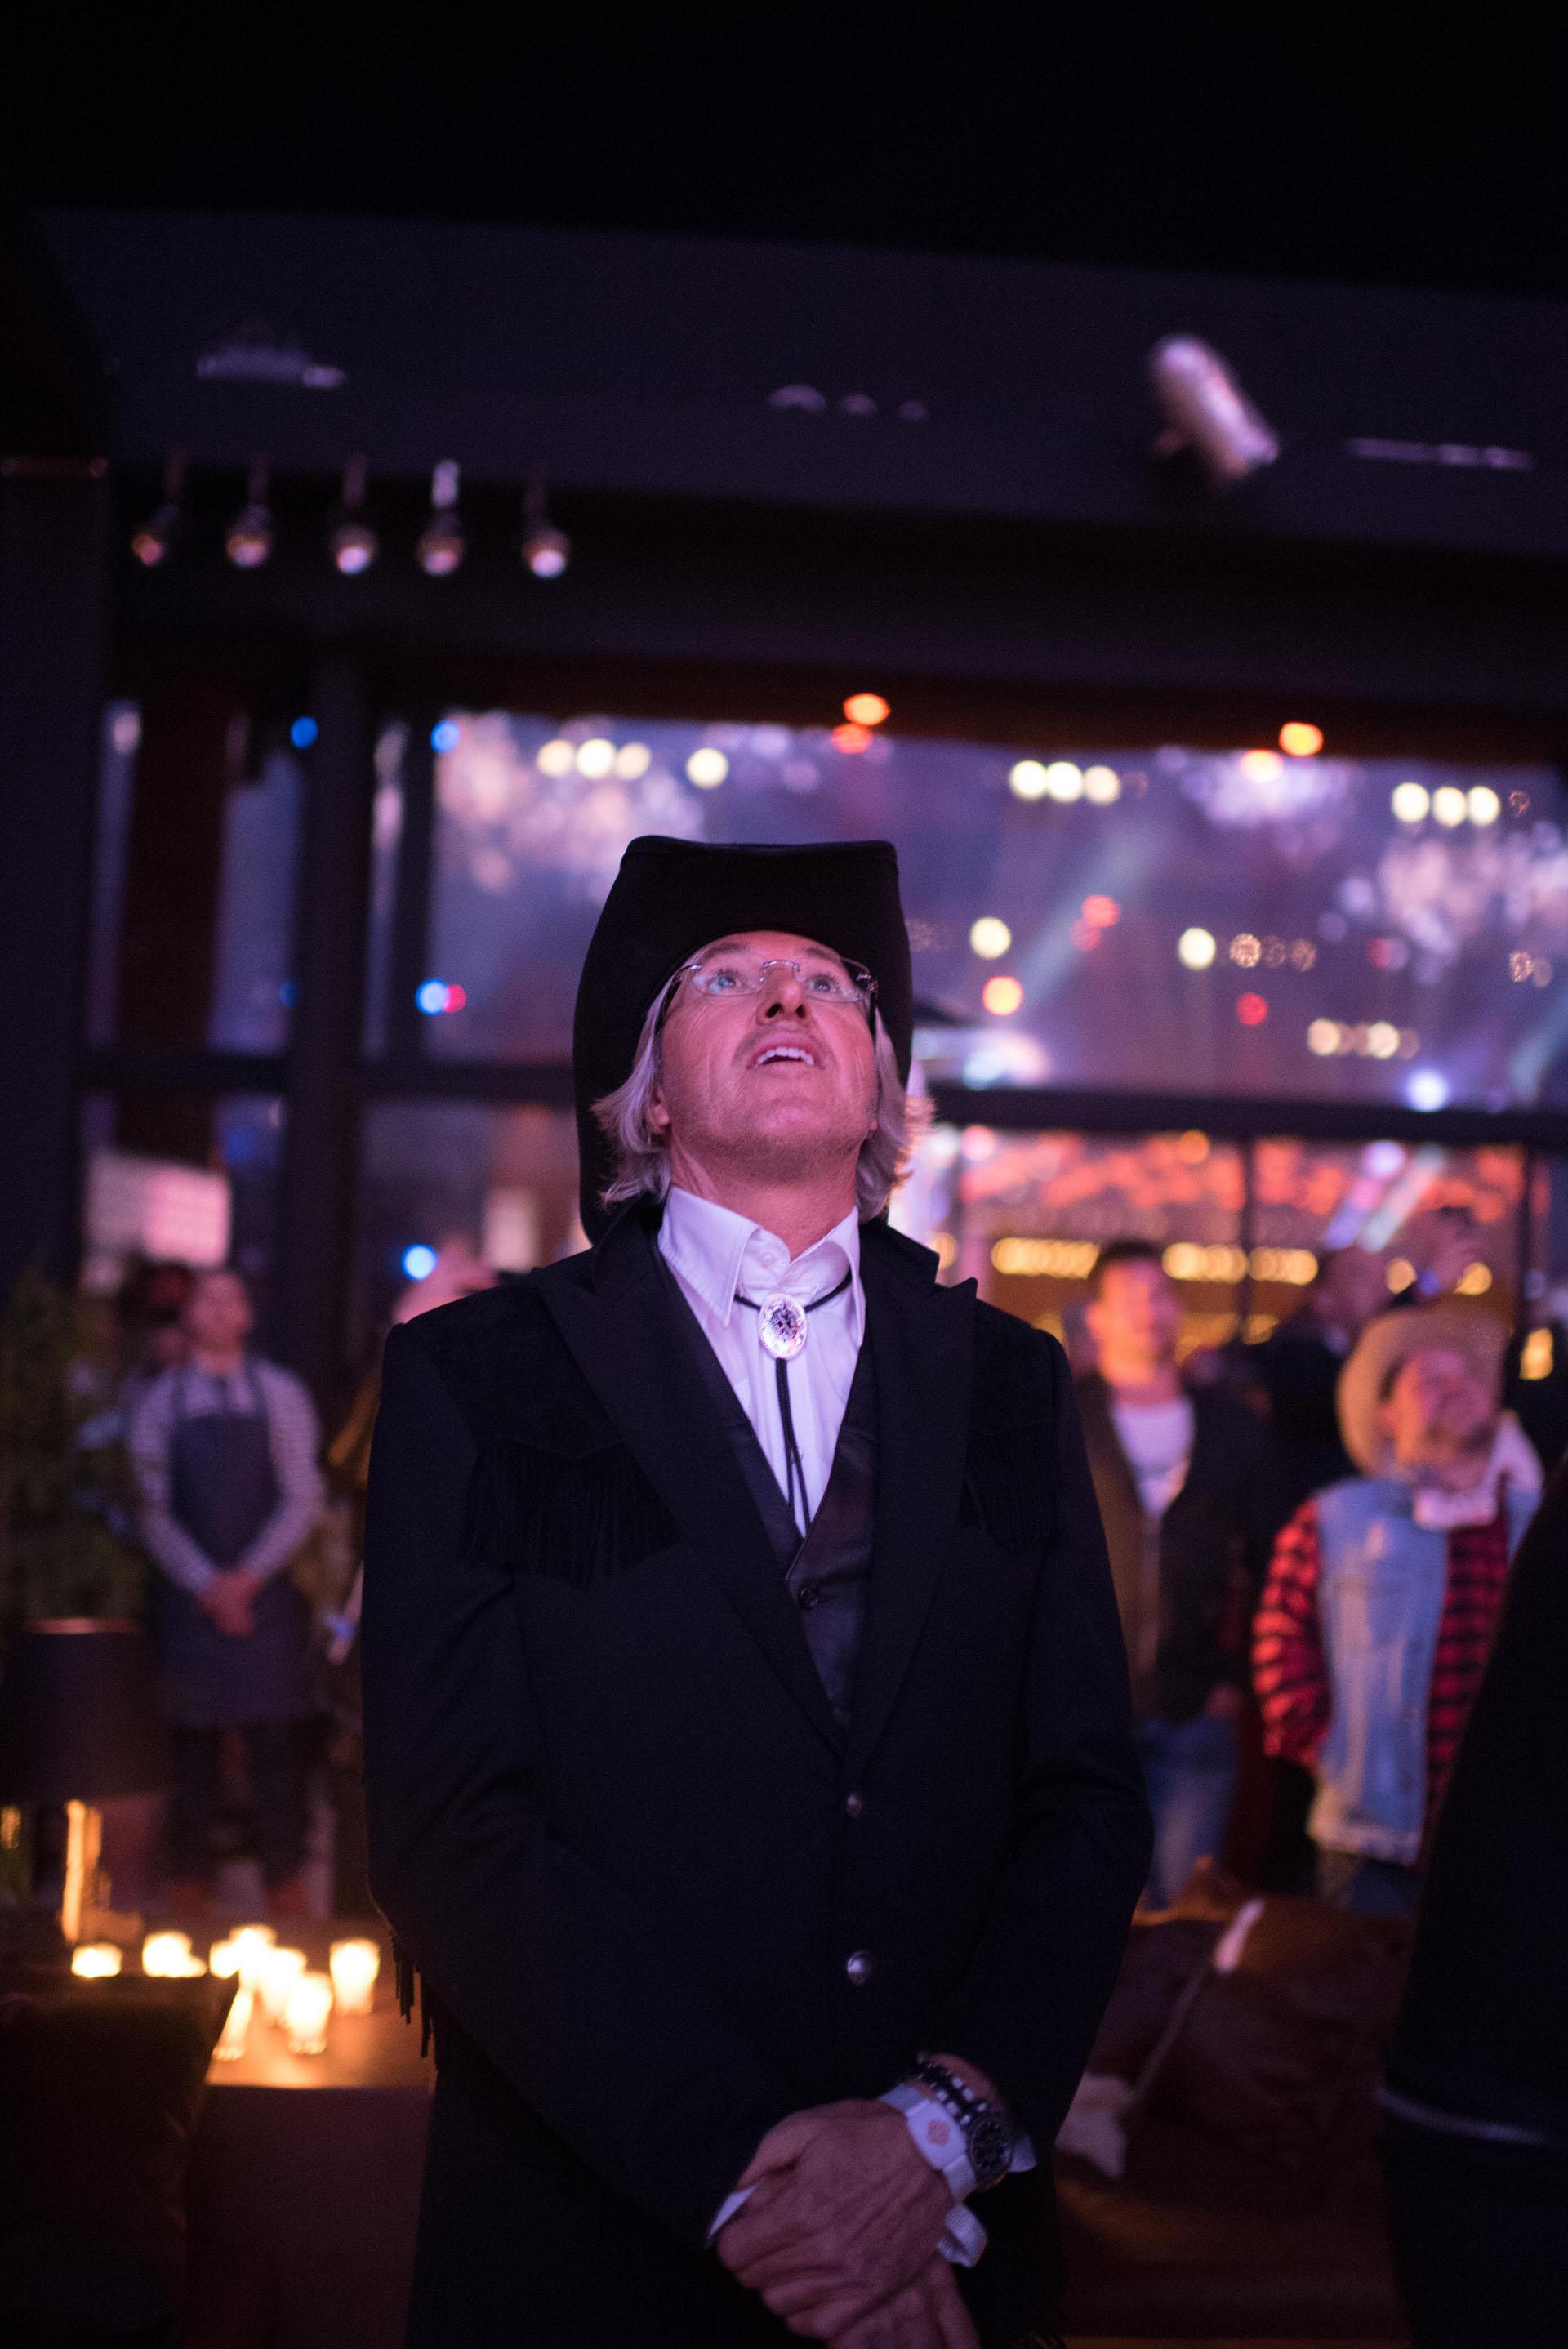 El empresario y escritor quedó deslumbrado con los fuegos artificiales que adornaron la fiesta